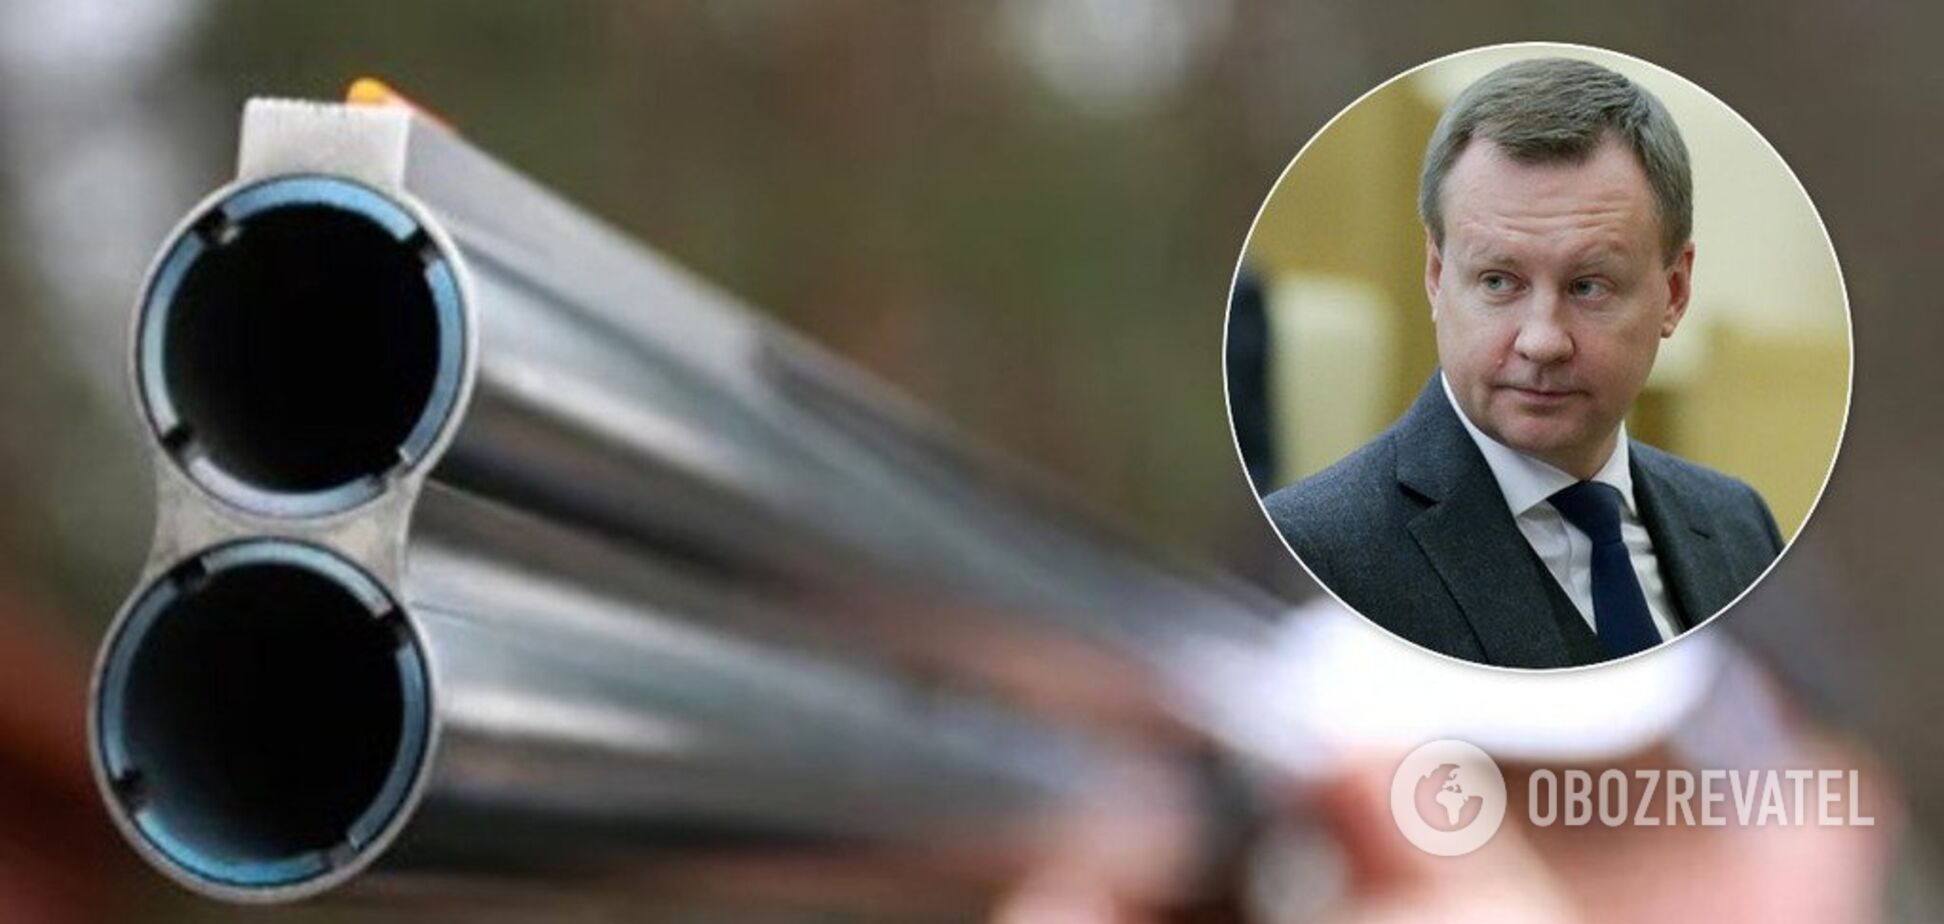 Вбивство Вороненкова: під Житомиром застрелили адвоката підозрюваних